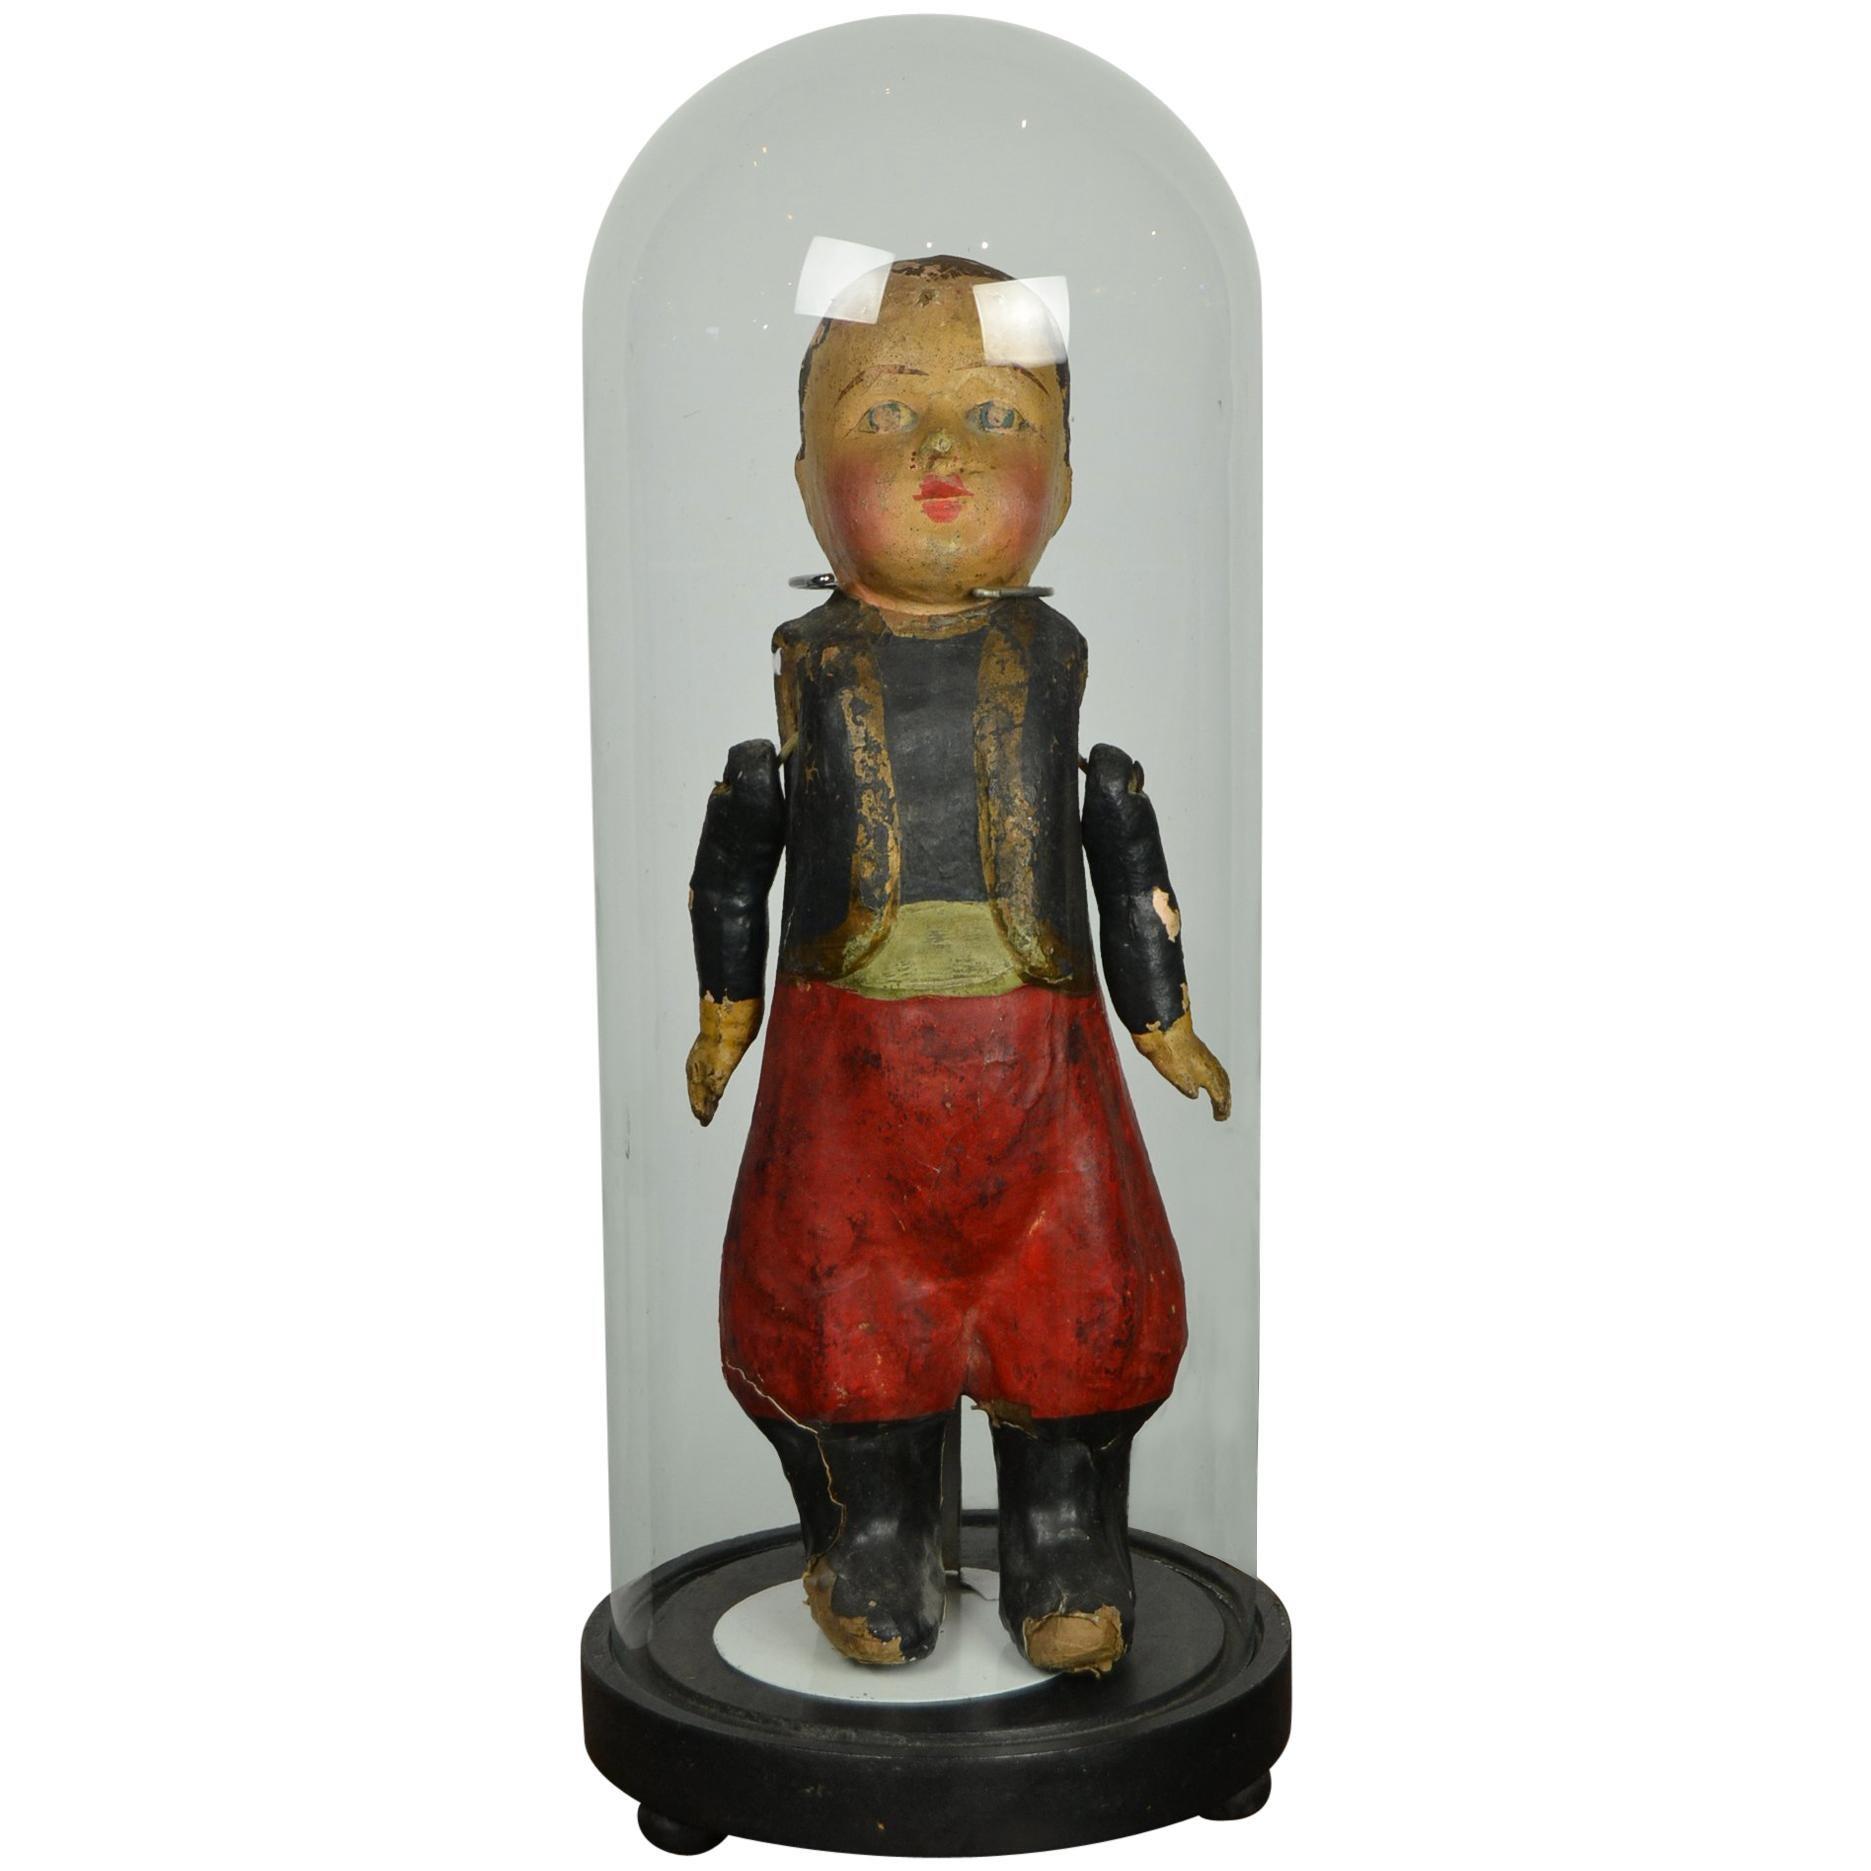 French Papier-Mâché Doll under Antique Glass Dome